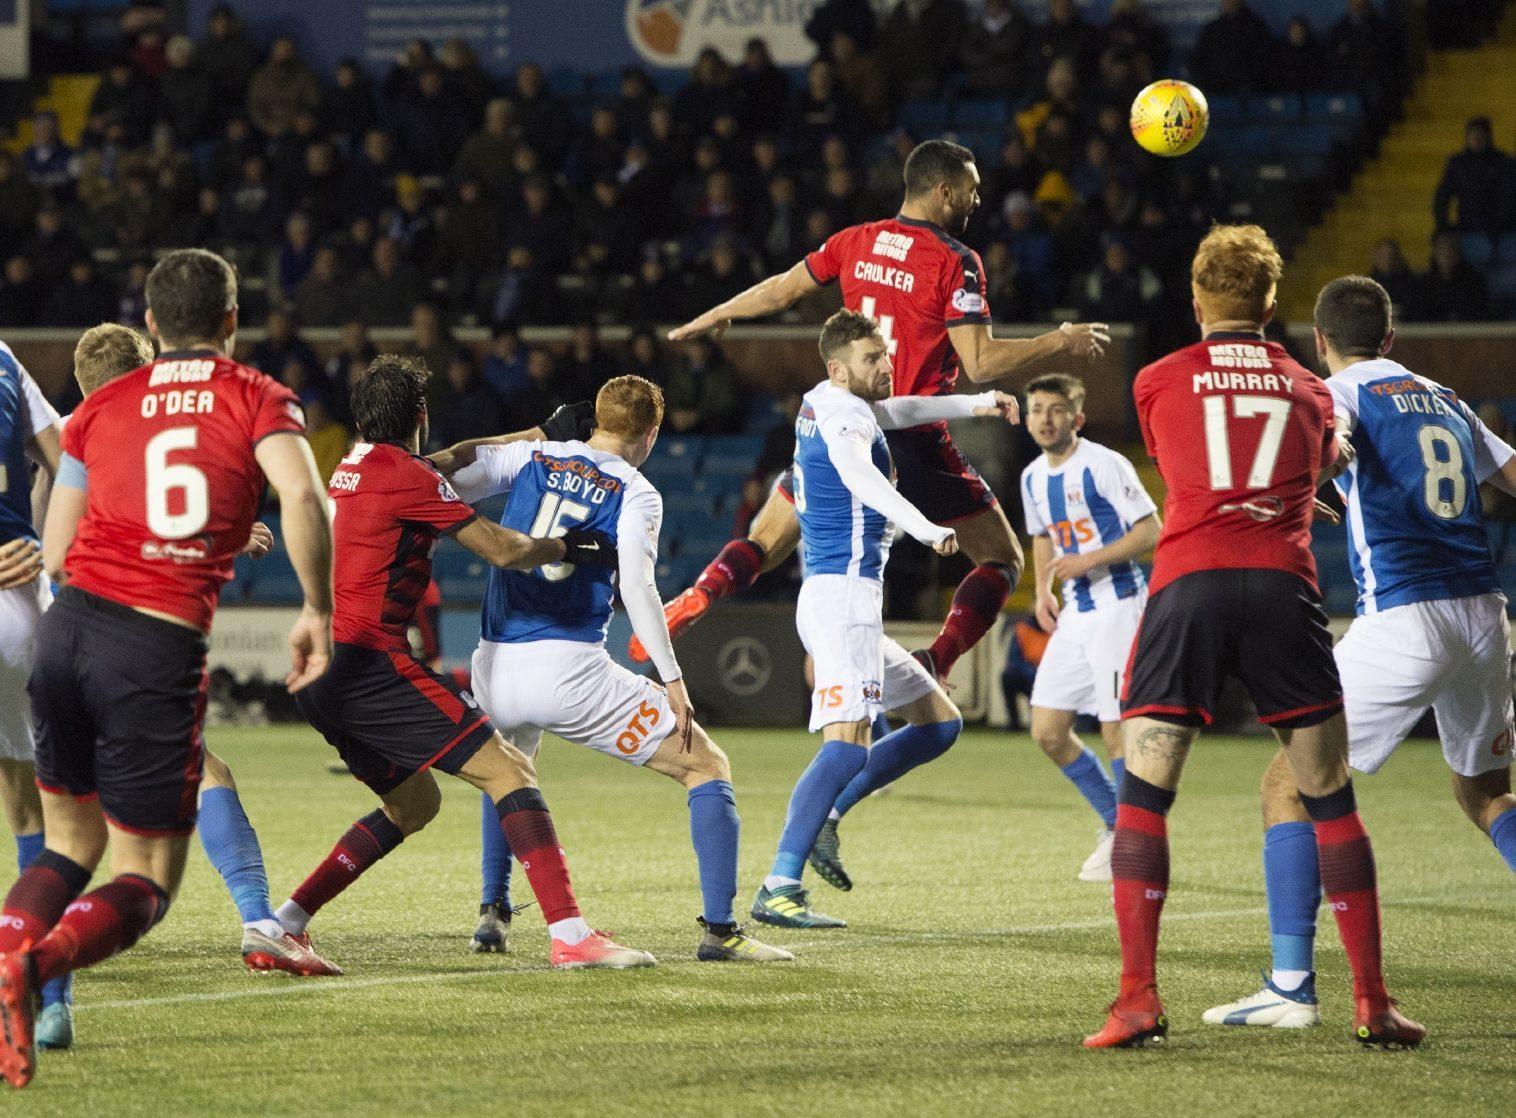 Dundee's Steven Caulker scores to make it 2-1 against Kilmarnock.